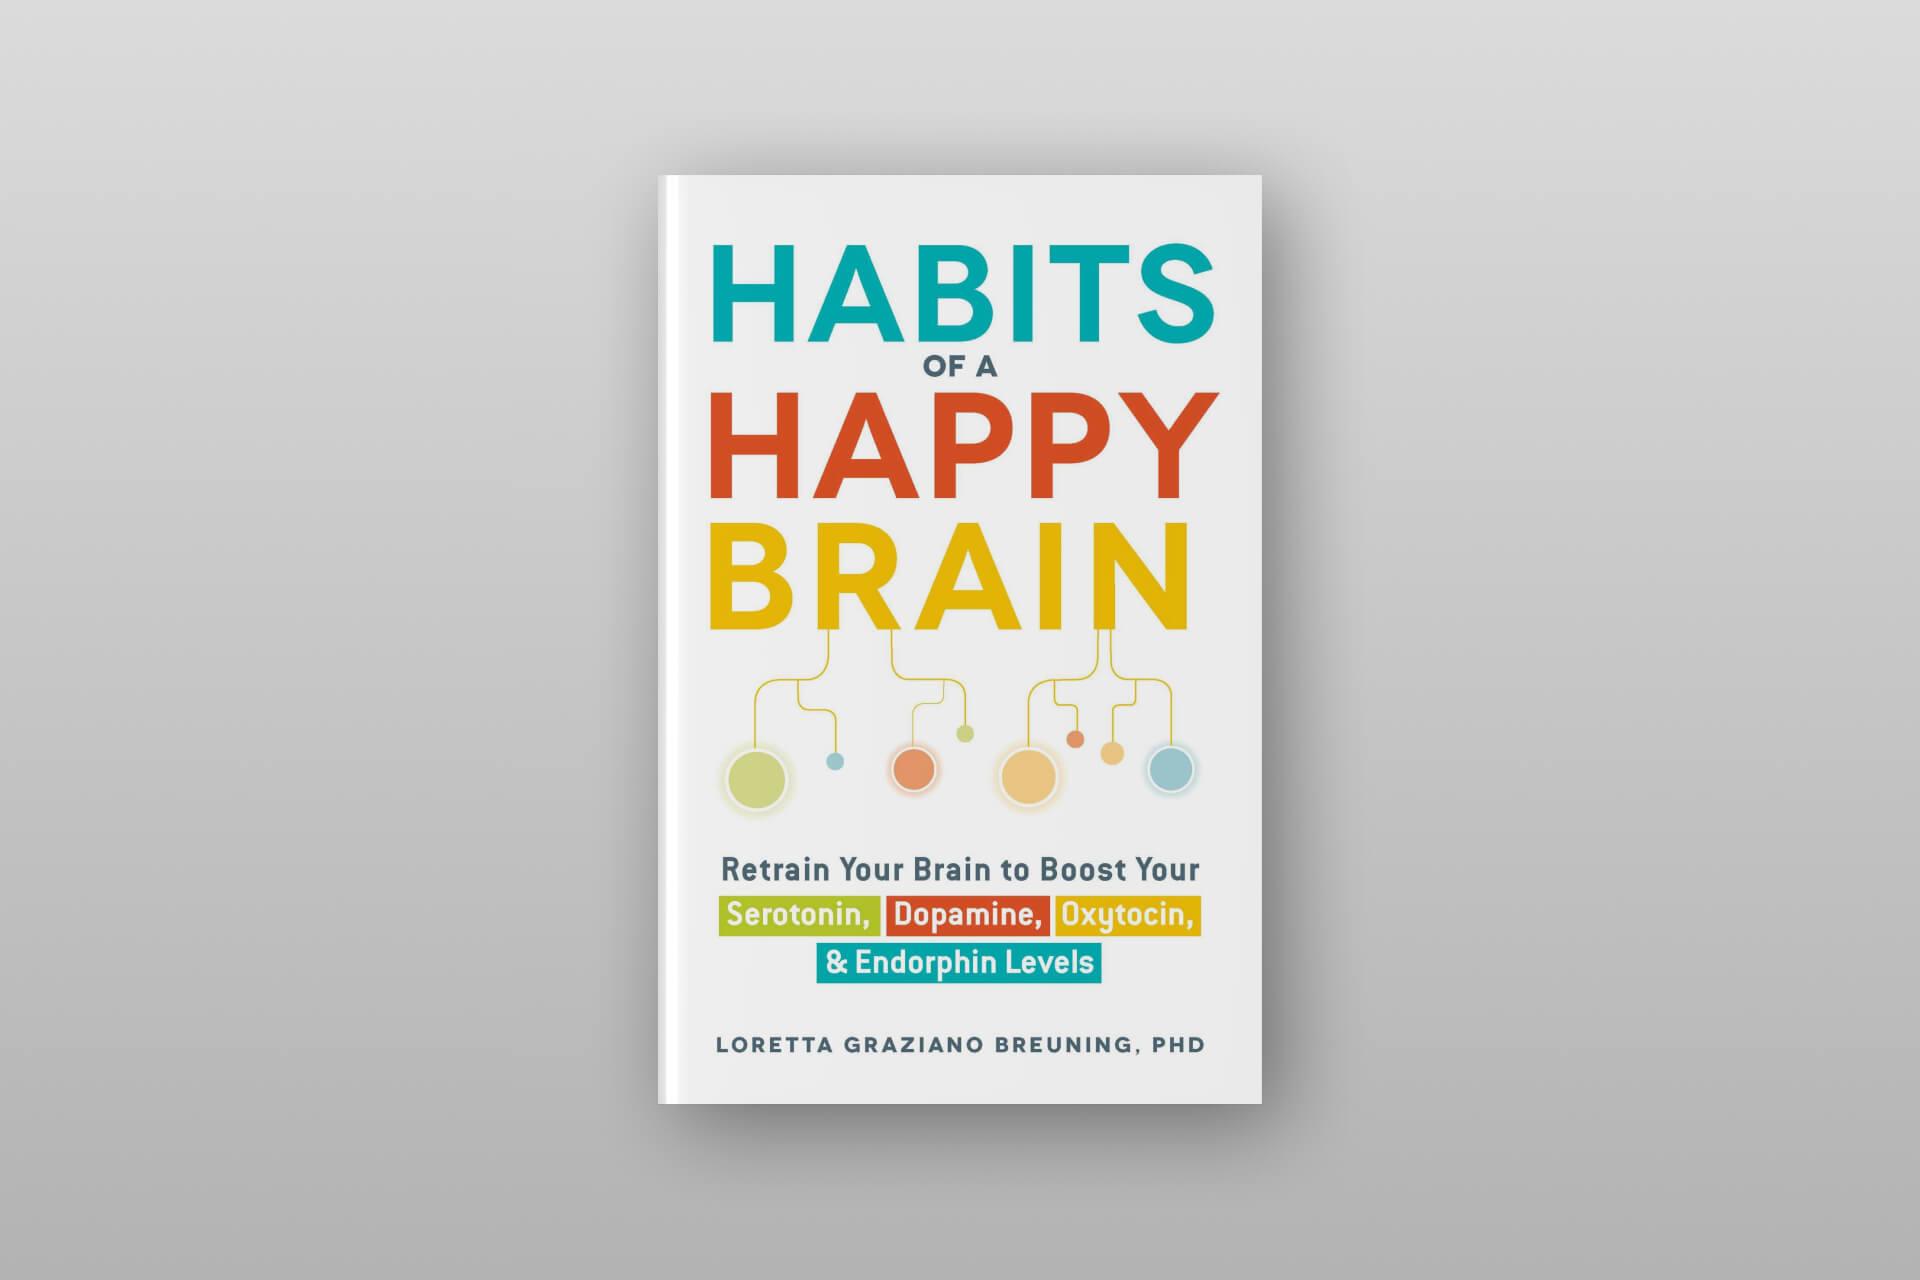 Habits of a Happy Brain by Loretta Breuning